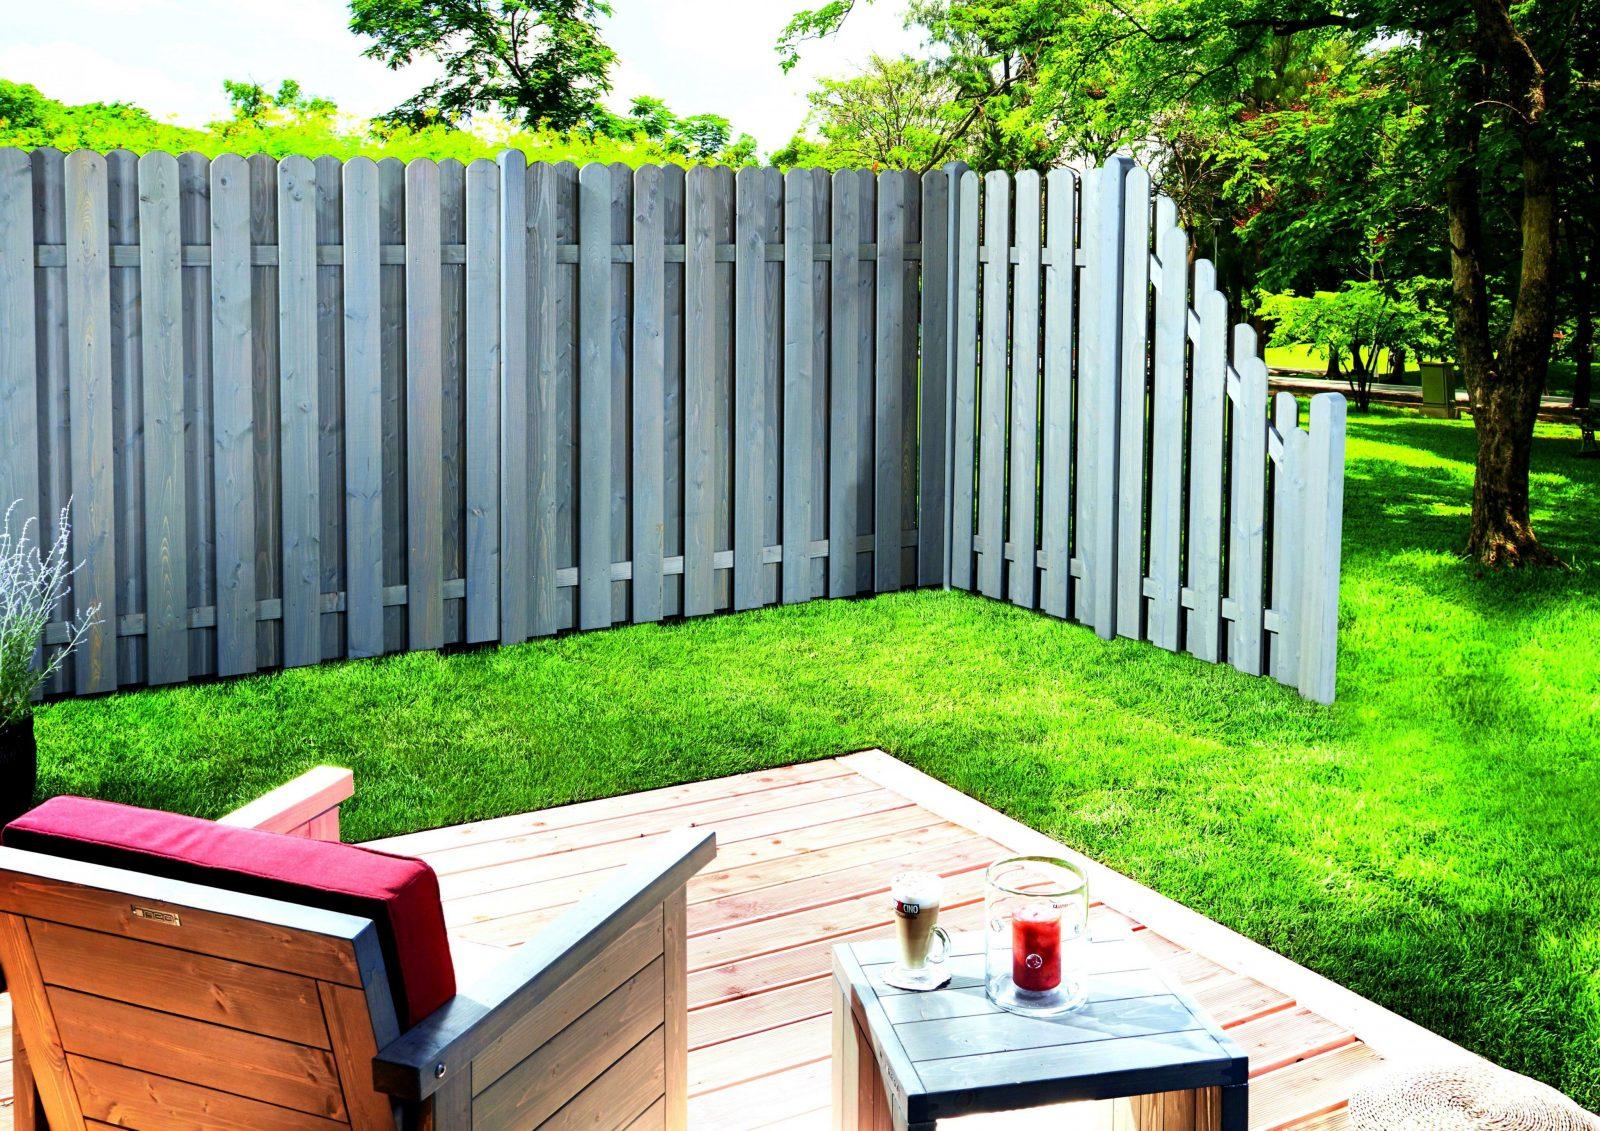 sichtschutz terrasse bambus luxus sichtschutz balkone 35 neueste von balkon sichtschutz bambus. Black Bedroom Furniture Sets. Home Design Ideas